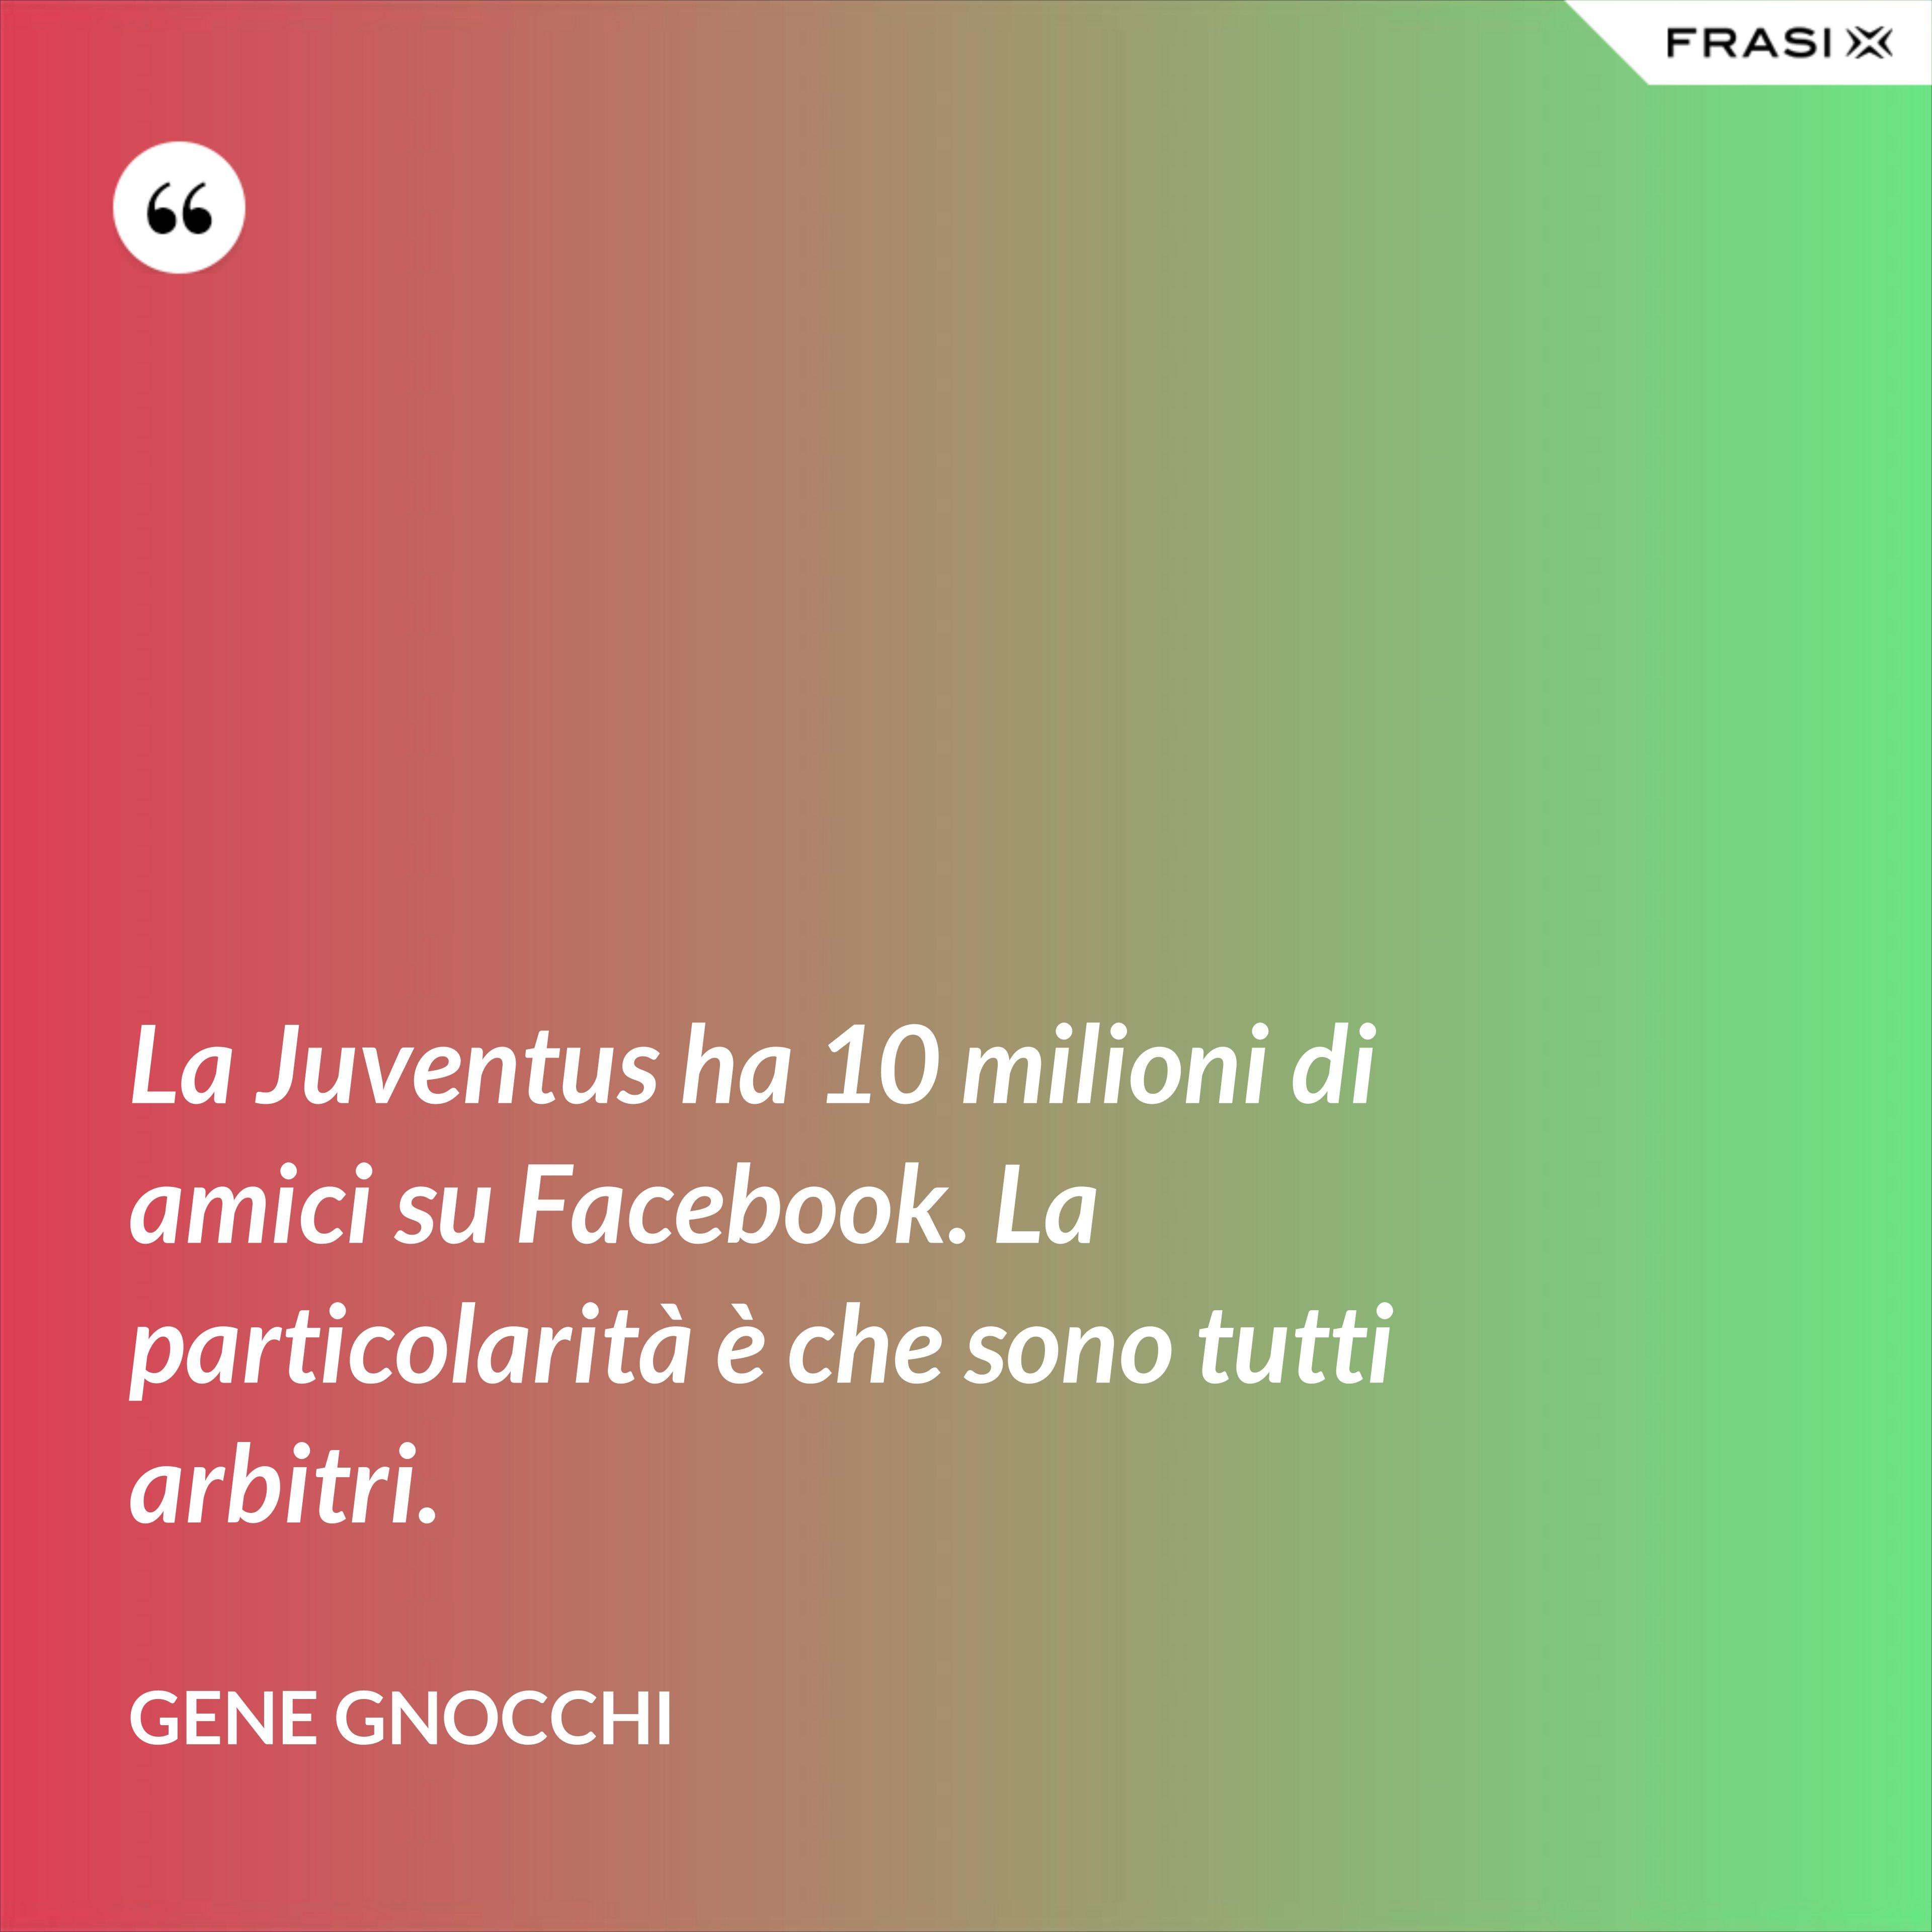 La Juventus ha 10 milioni di amici su Facebook. La particolarità è che sono tutti arbitri. - Gene Gnocchi